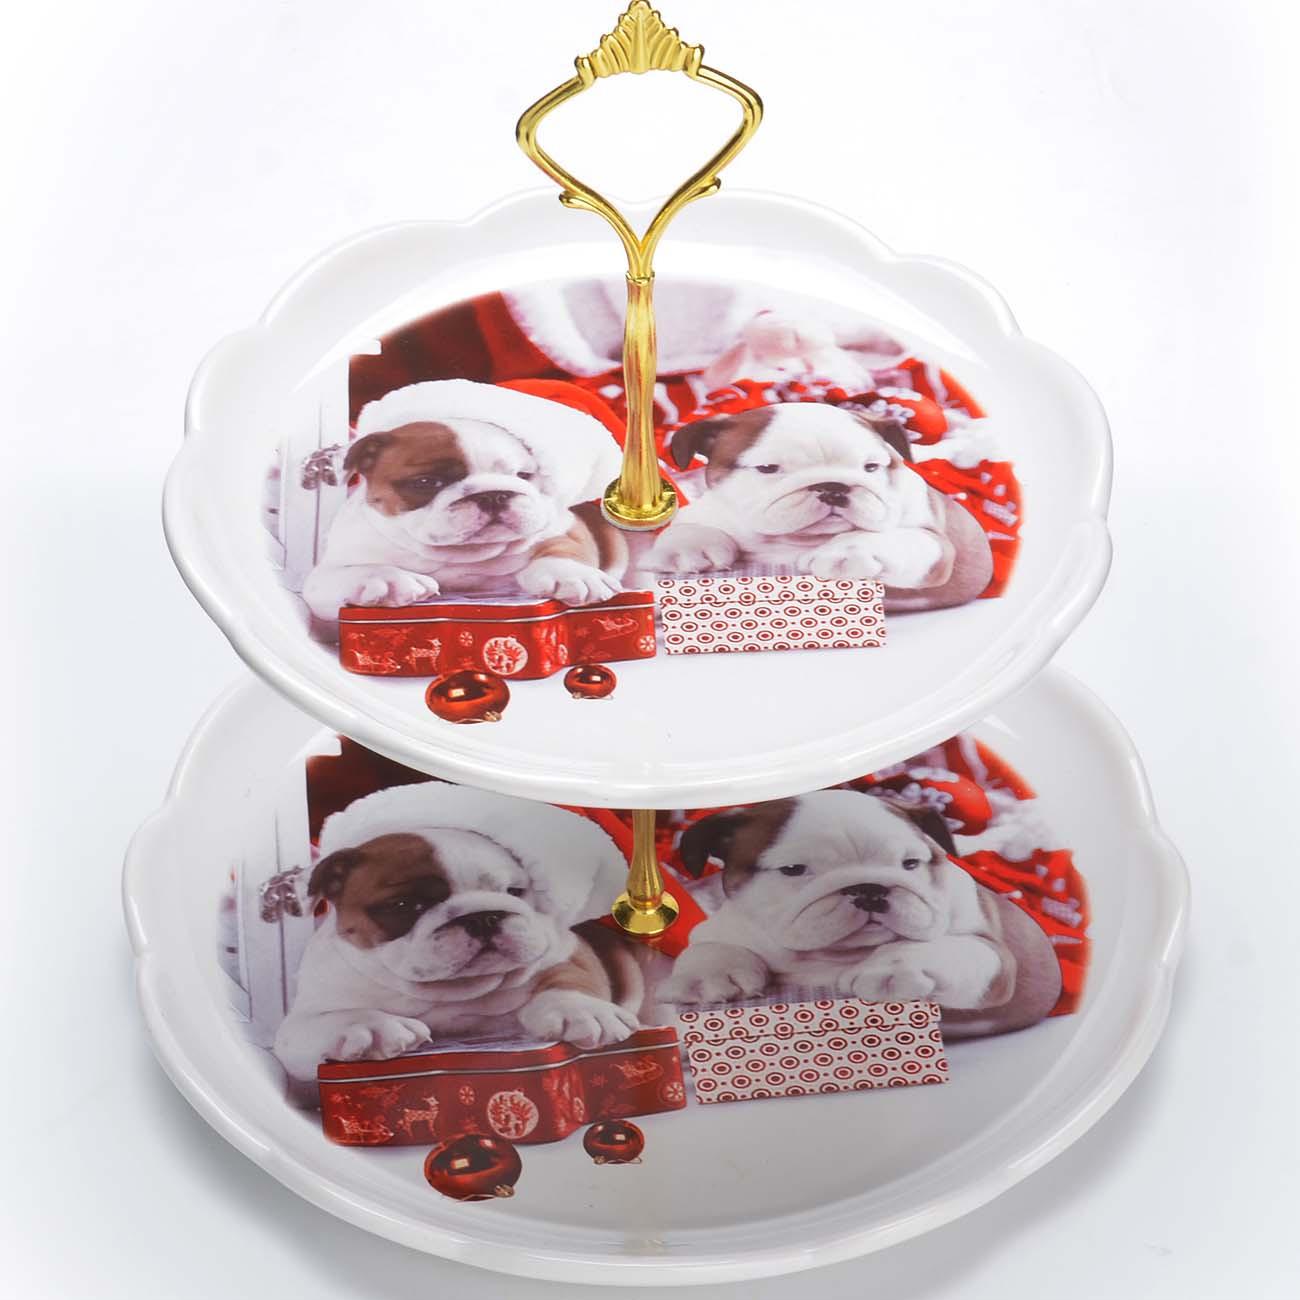 Красочная конфетница Loraine, выполненная из высококачественной керамики, сочетает в себе классический дизайн с максимальной функциональностью. Конфетница состоит из 2-х ярусов разного размера и предназначена для красивой сервировки конфет, фруктов и десертов. Круглые ярусы конфетницы имеют волнистые края. Стойка-держатель конфетницы выполнена из металла с золотым напылением. Высота конфетницы в собранном виде составляет около 28 см. Элегантная конфетница Loraine украсит сервировку Вашего стола и подчеркнет прекрасный вкус хозяйки, а также станет отличным подарком. Изделие упаковано в индивидуальную коробку. Подходит для использования в холодильнике, посудомоечной машине.